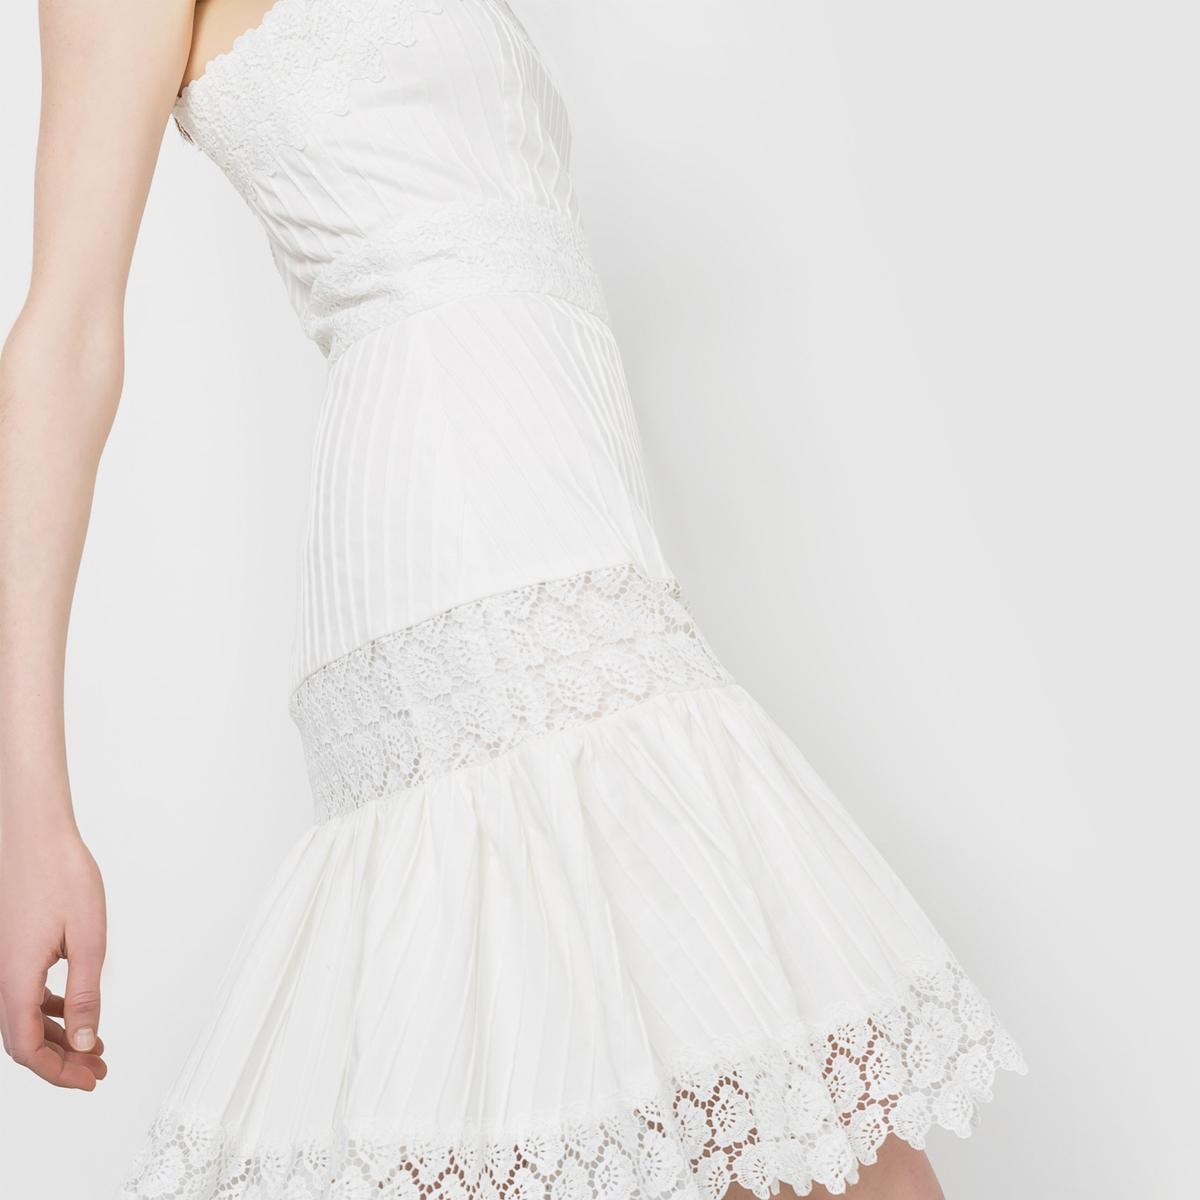 Платье короткое с бретелямиПлатье с вышивкой и складками спереди и сзади. Вышитые бретели. Молния сзади. Широкий низ. Состав и описаниеМатериал 73% хлопка, 25% полиэстера, 2% эластанаКружево 100% полиэстераДлина       92 смМарка DELPHINE MANIVET  УходМашинная стирка при 30 °C - Не отбеливать - Гладить при низкой температуре - Машинная стирка запрещена<br><br>Цвет: экрю<br>Размер: 42 (FR) - 48 (RUS)